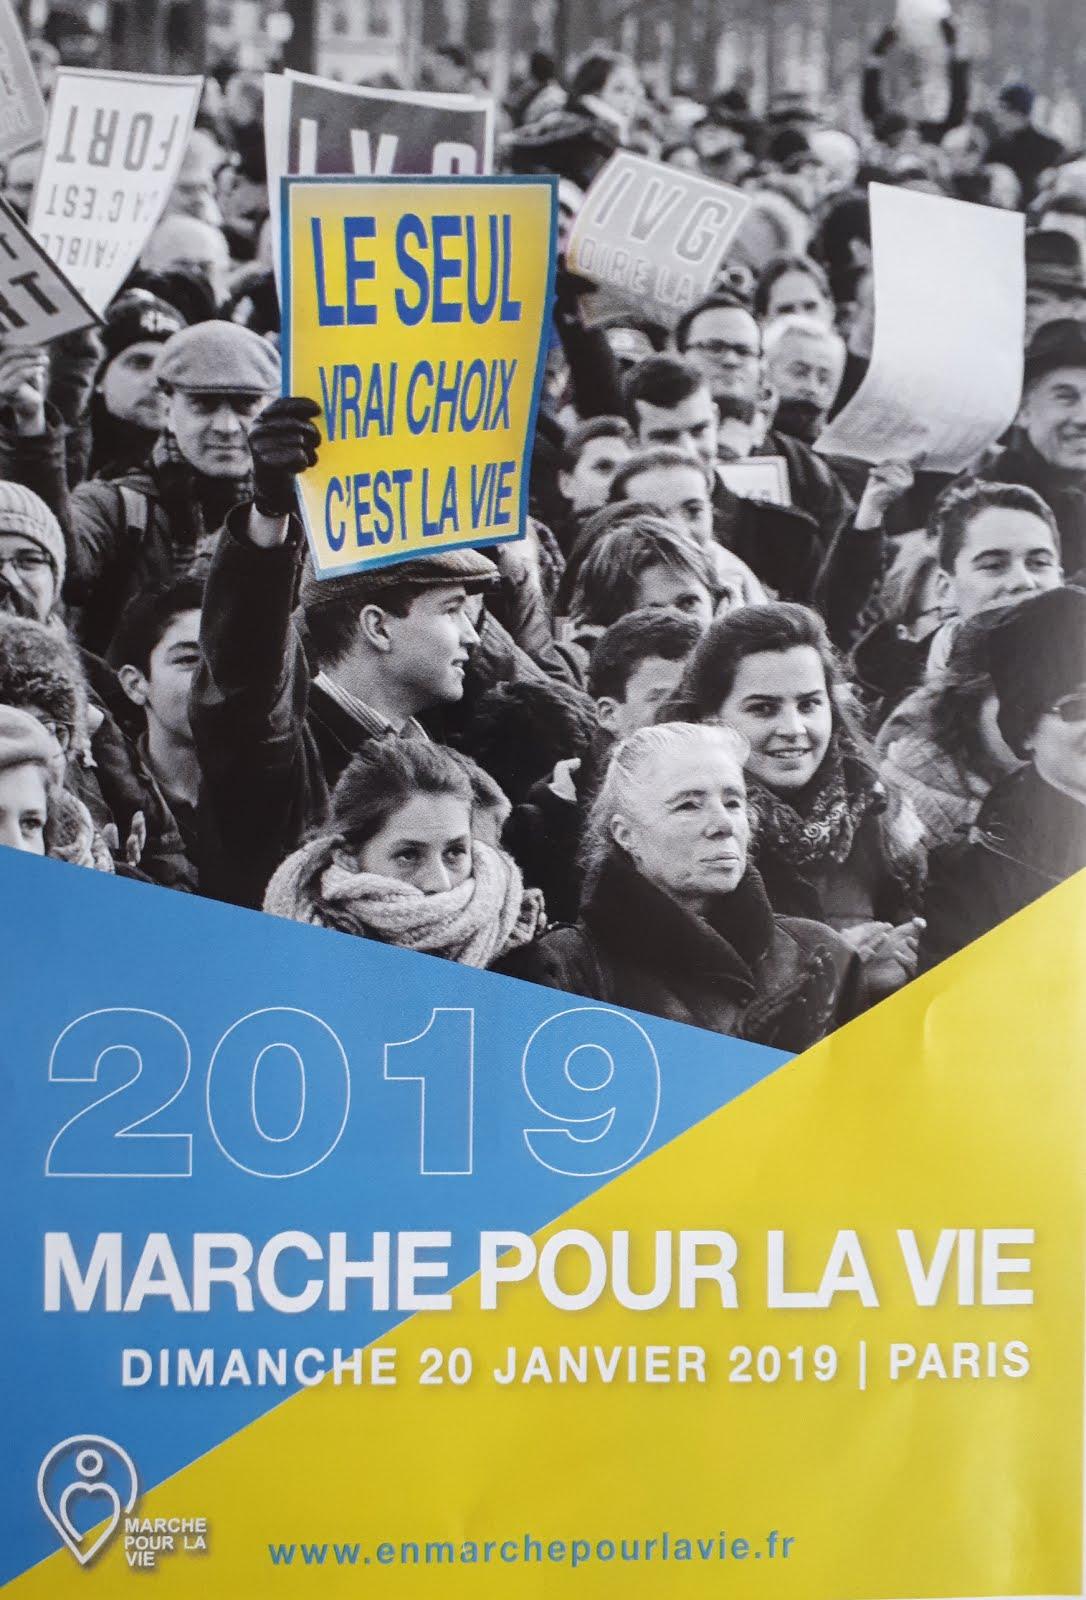 Marche pour la vie > Le 20 Janvier 2019 à Paris